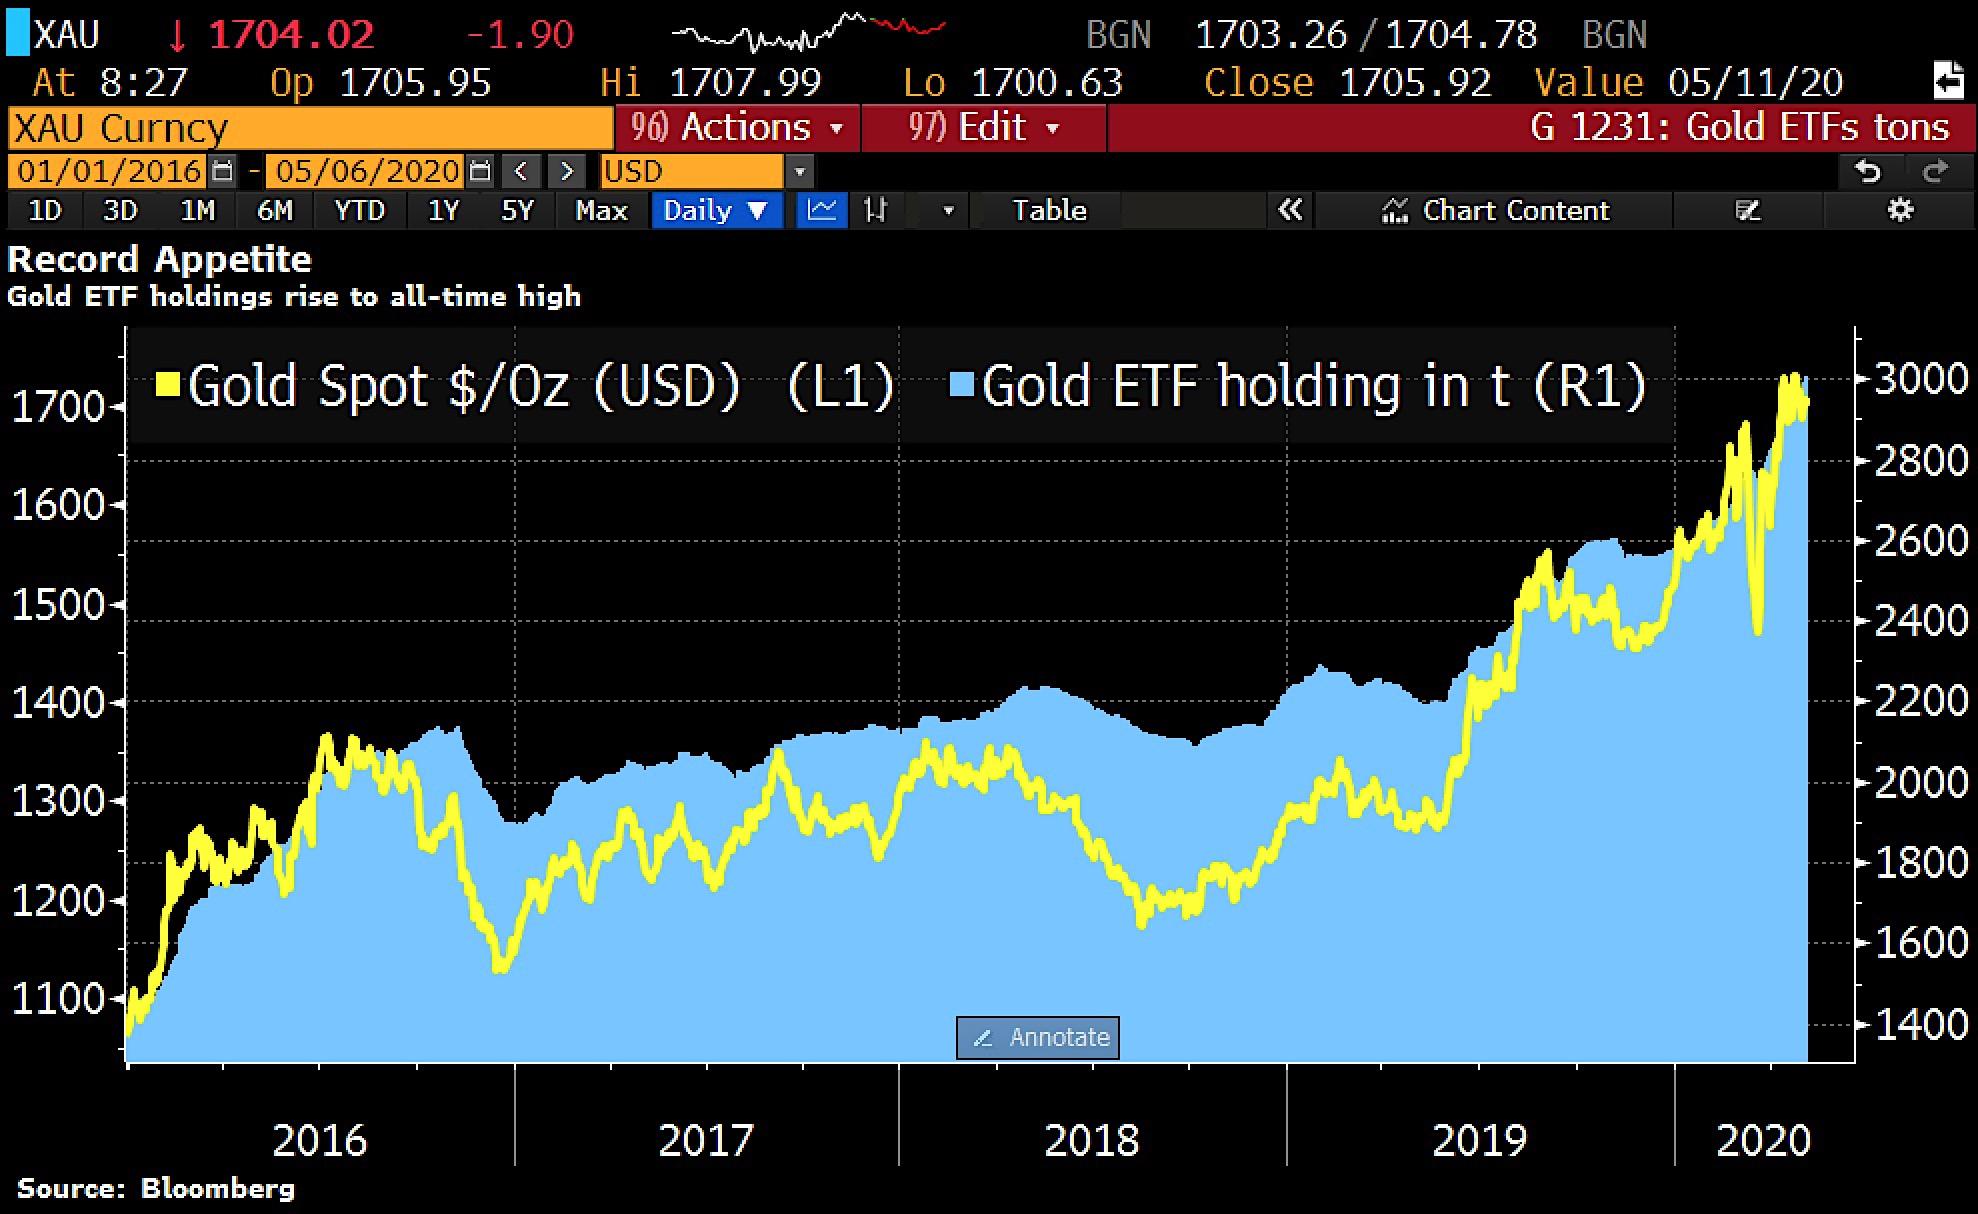 Graf över guldpris och ETF-fonders guldinnehav